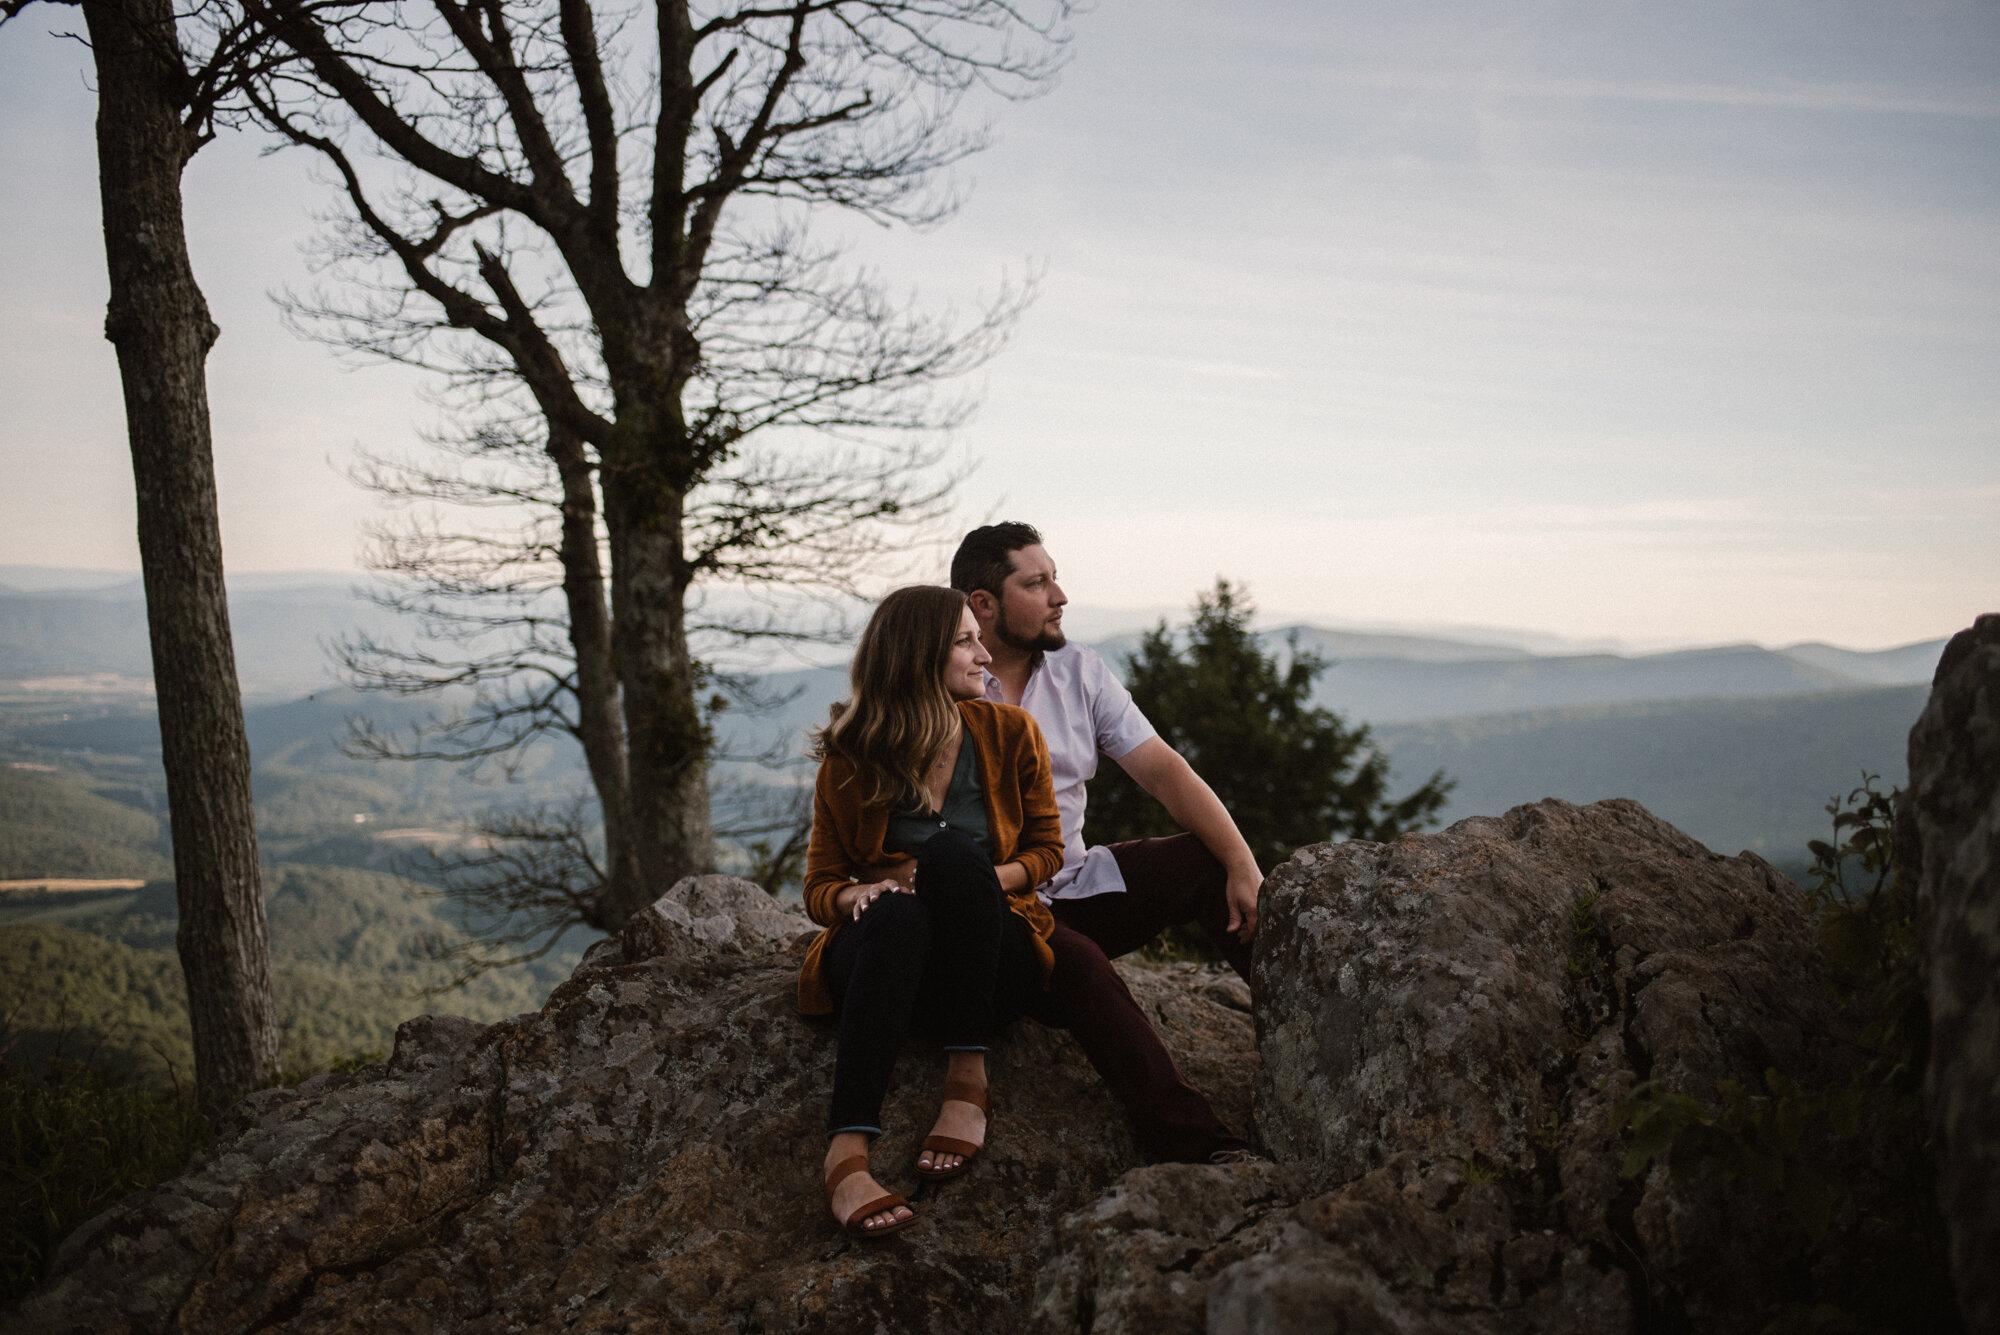 Shenandoah National Park Engagement Session - Sunrise Mountain Couple Photo Shoot - Blue Ridge Mountain Photo Shoot - Shenandoah National Park Photographer - White Sails Creative _22.jpg